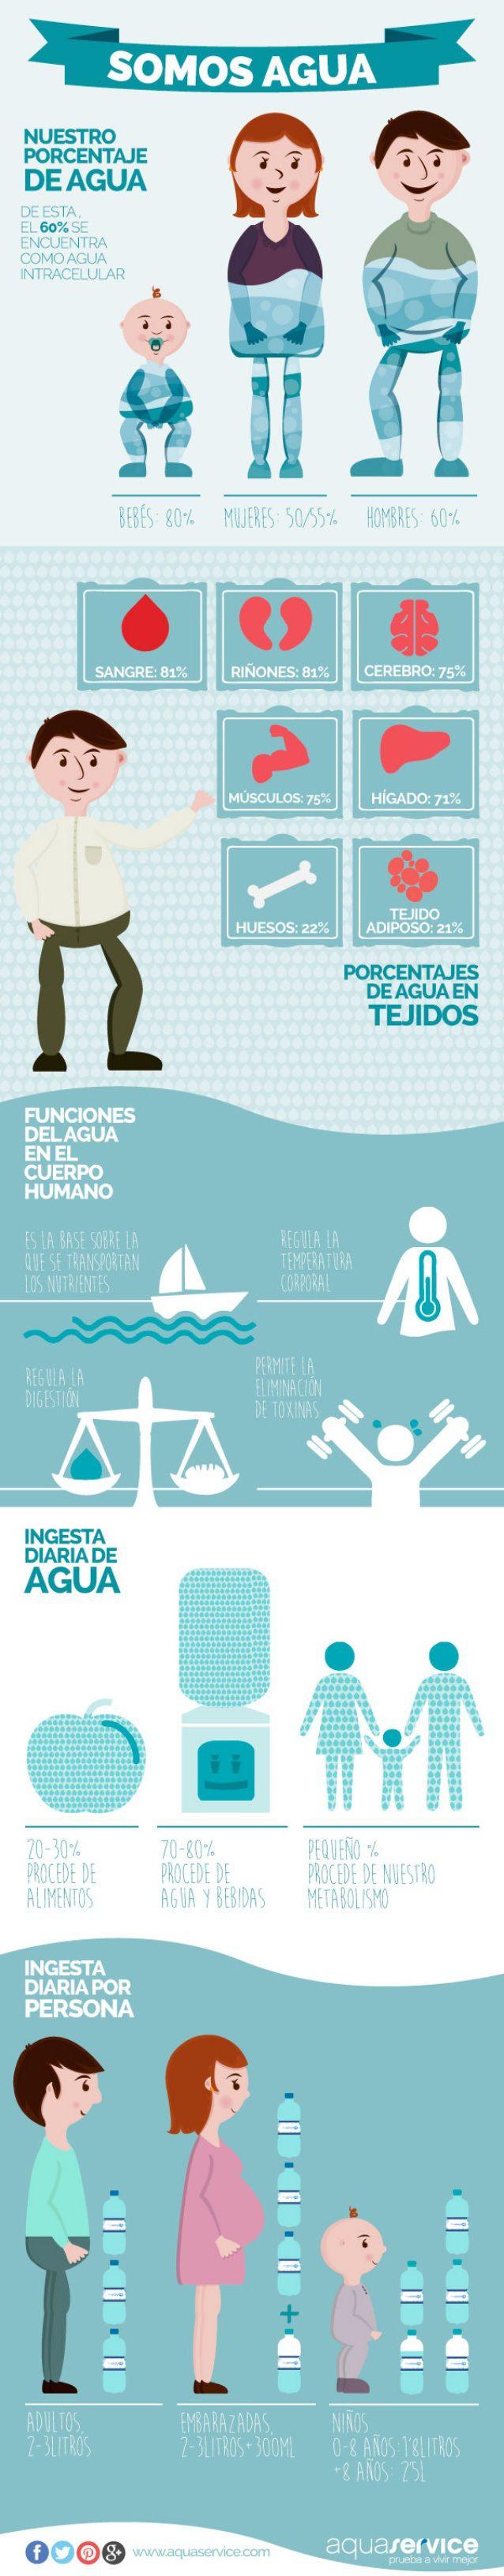 El agua en el cuerpo humano y sus funciones | Infografías y Remedios